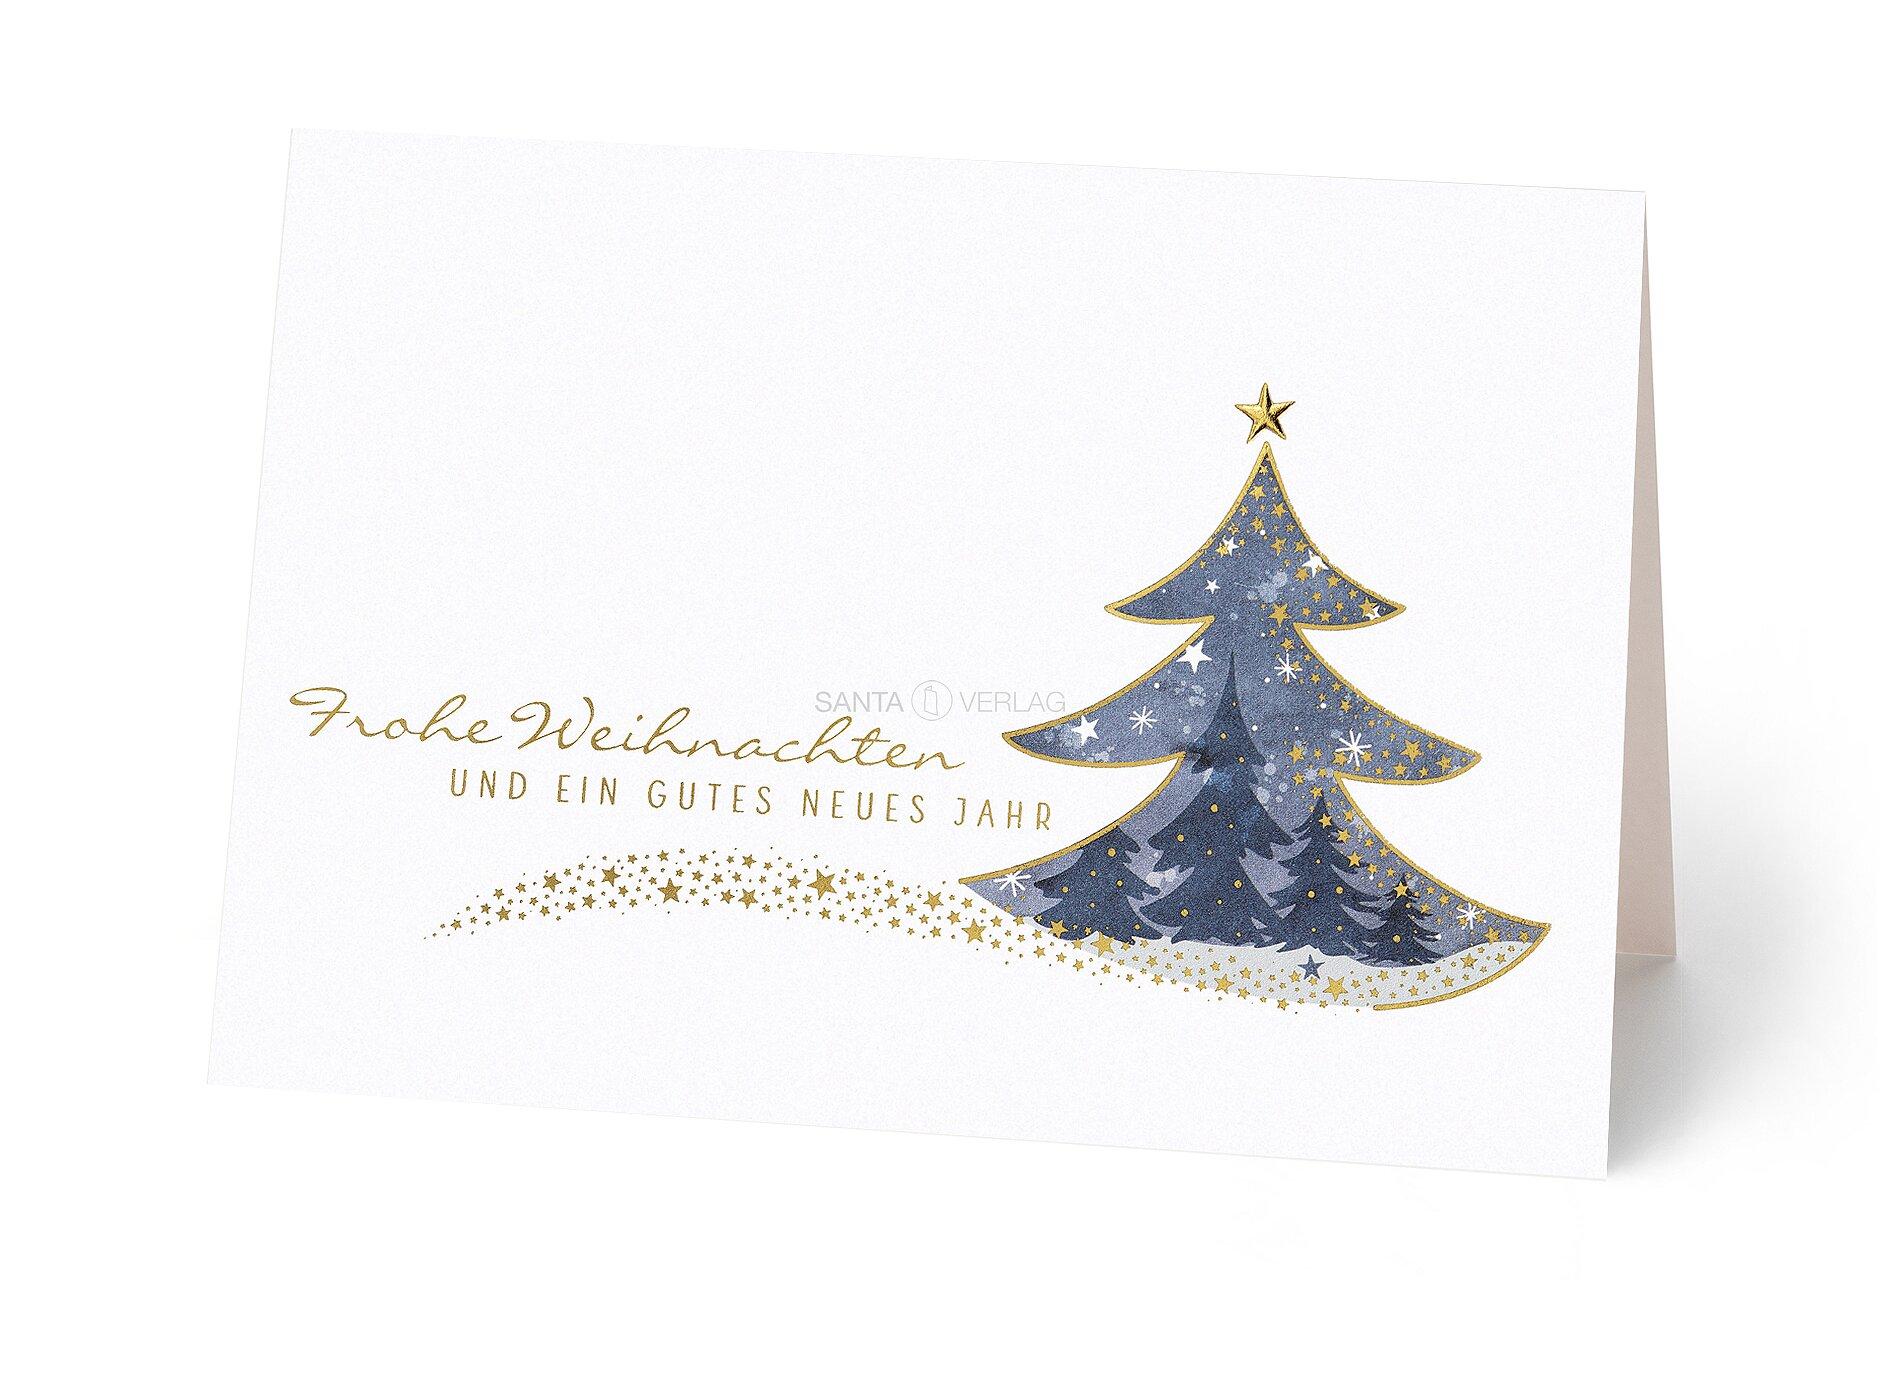 Card Verlag Weihnachtskarten.Weihnachtskarten Inkl Kuvert